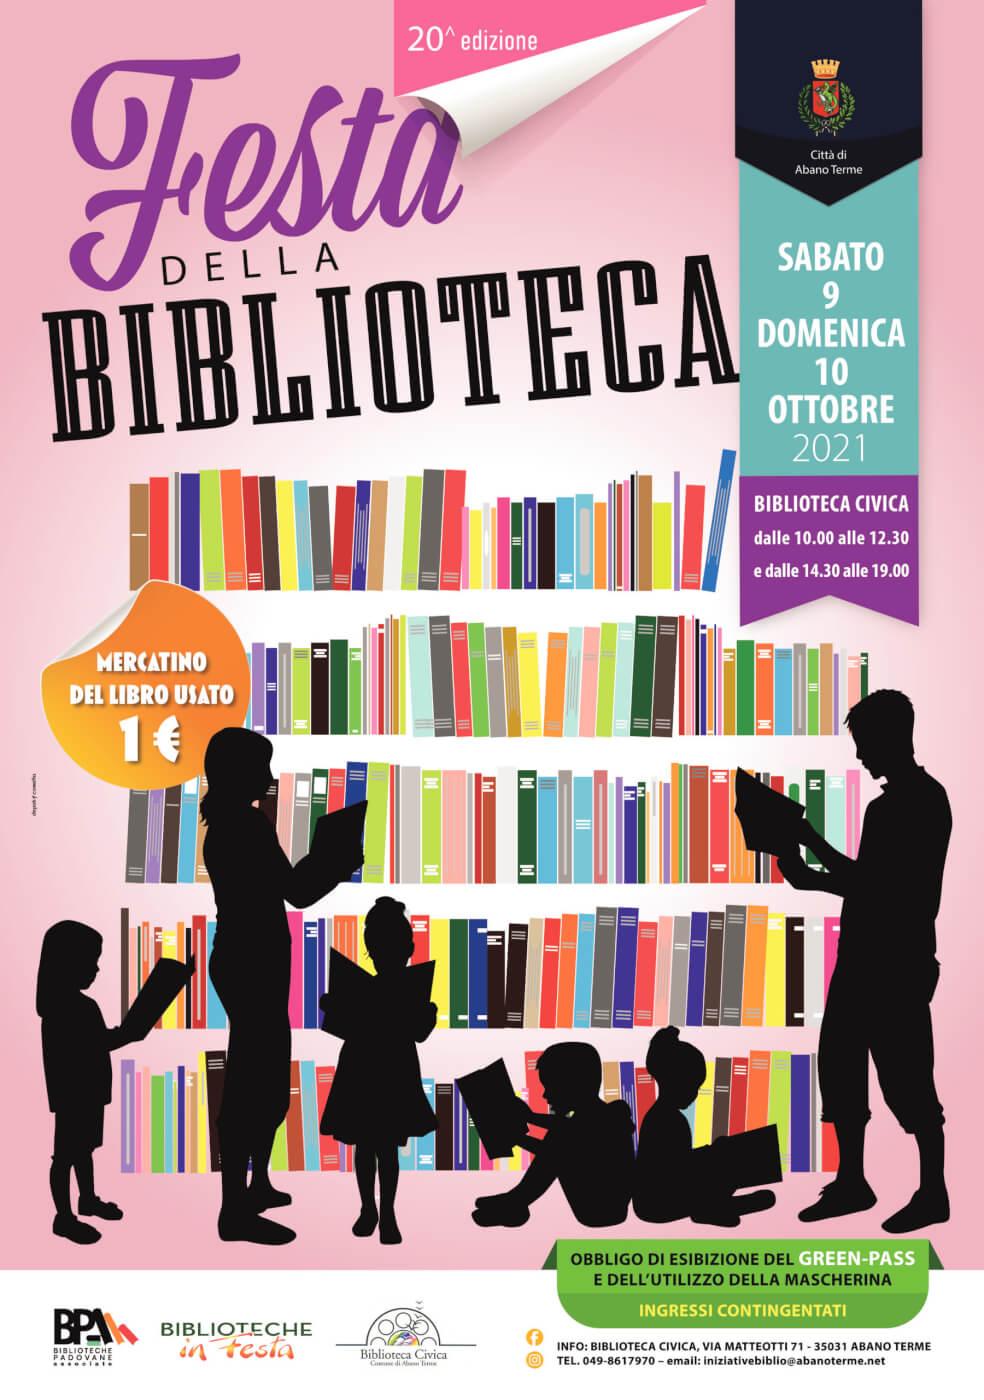 XX FESTA DELLA BIBLIOTECA ABANO TERME